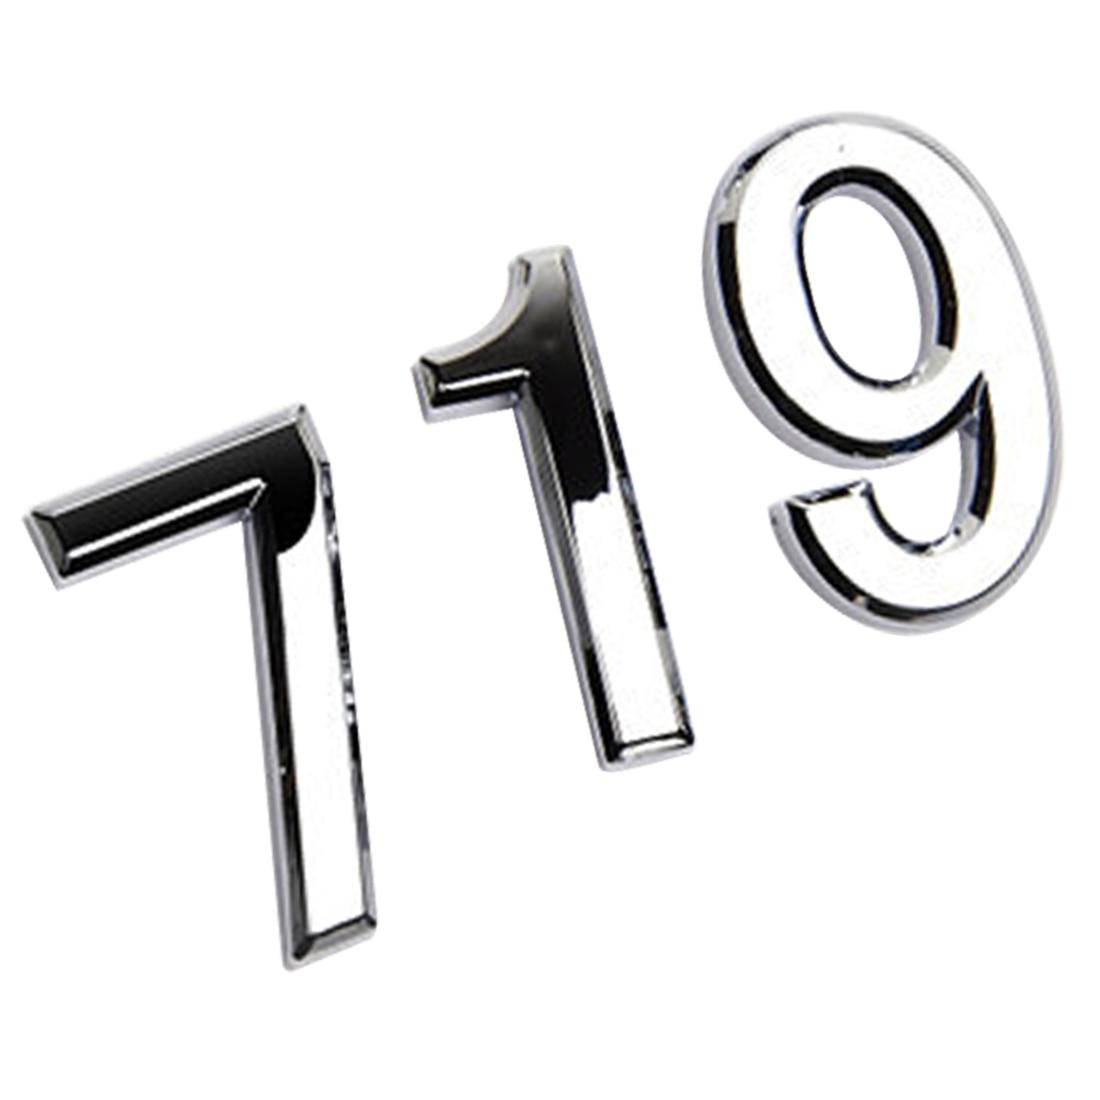 Серебряный номер Современная табличка номер дом отель дверь адрес стикер с цифрами табличка знак 0-9